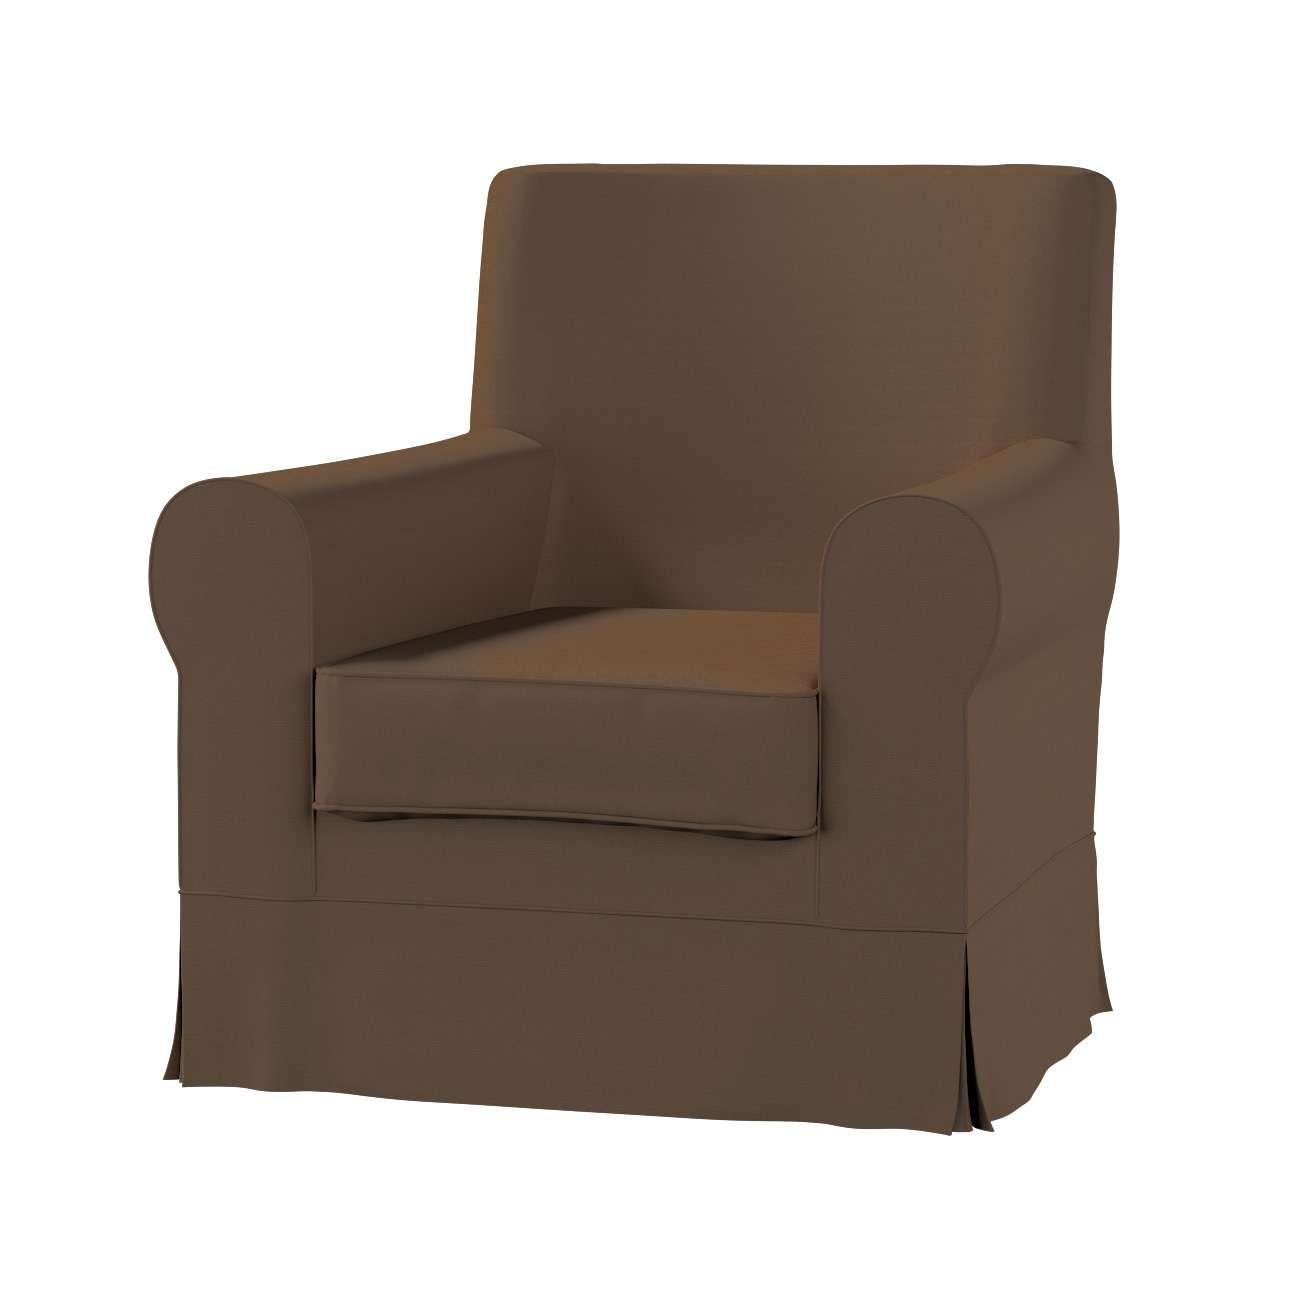 Pokrowiec na fotel Ektorp Jennylund Fotel Ektorp Jennylund w kolekcji Cotton Panama, tkanina: 702-02